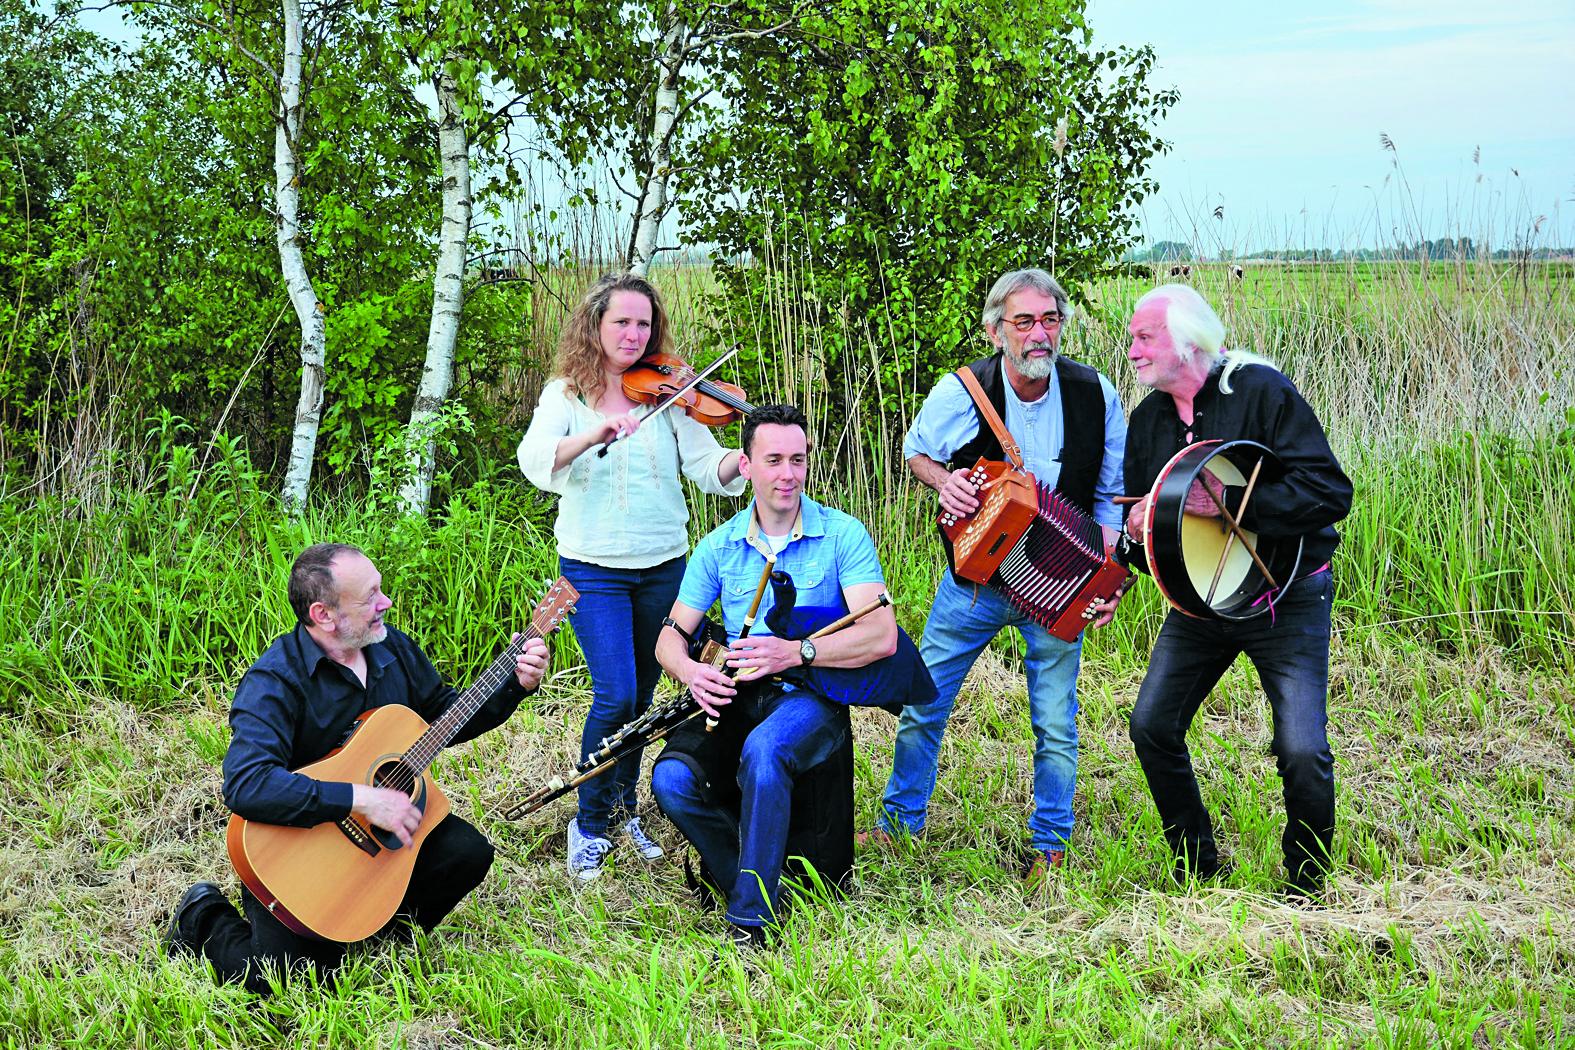 Baloney Celtic Music viert haar twintigjarig bestaan in Radboud. Vier ook het feest mee! (Foto: aangeleverd)